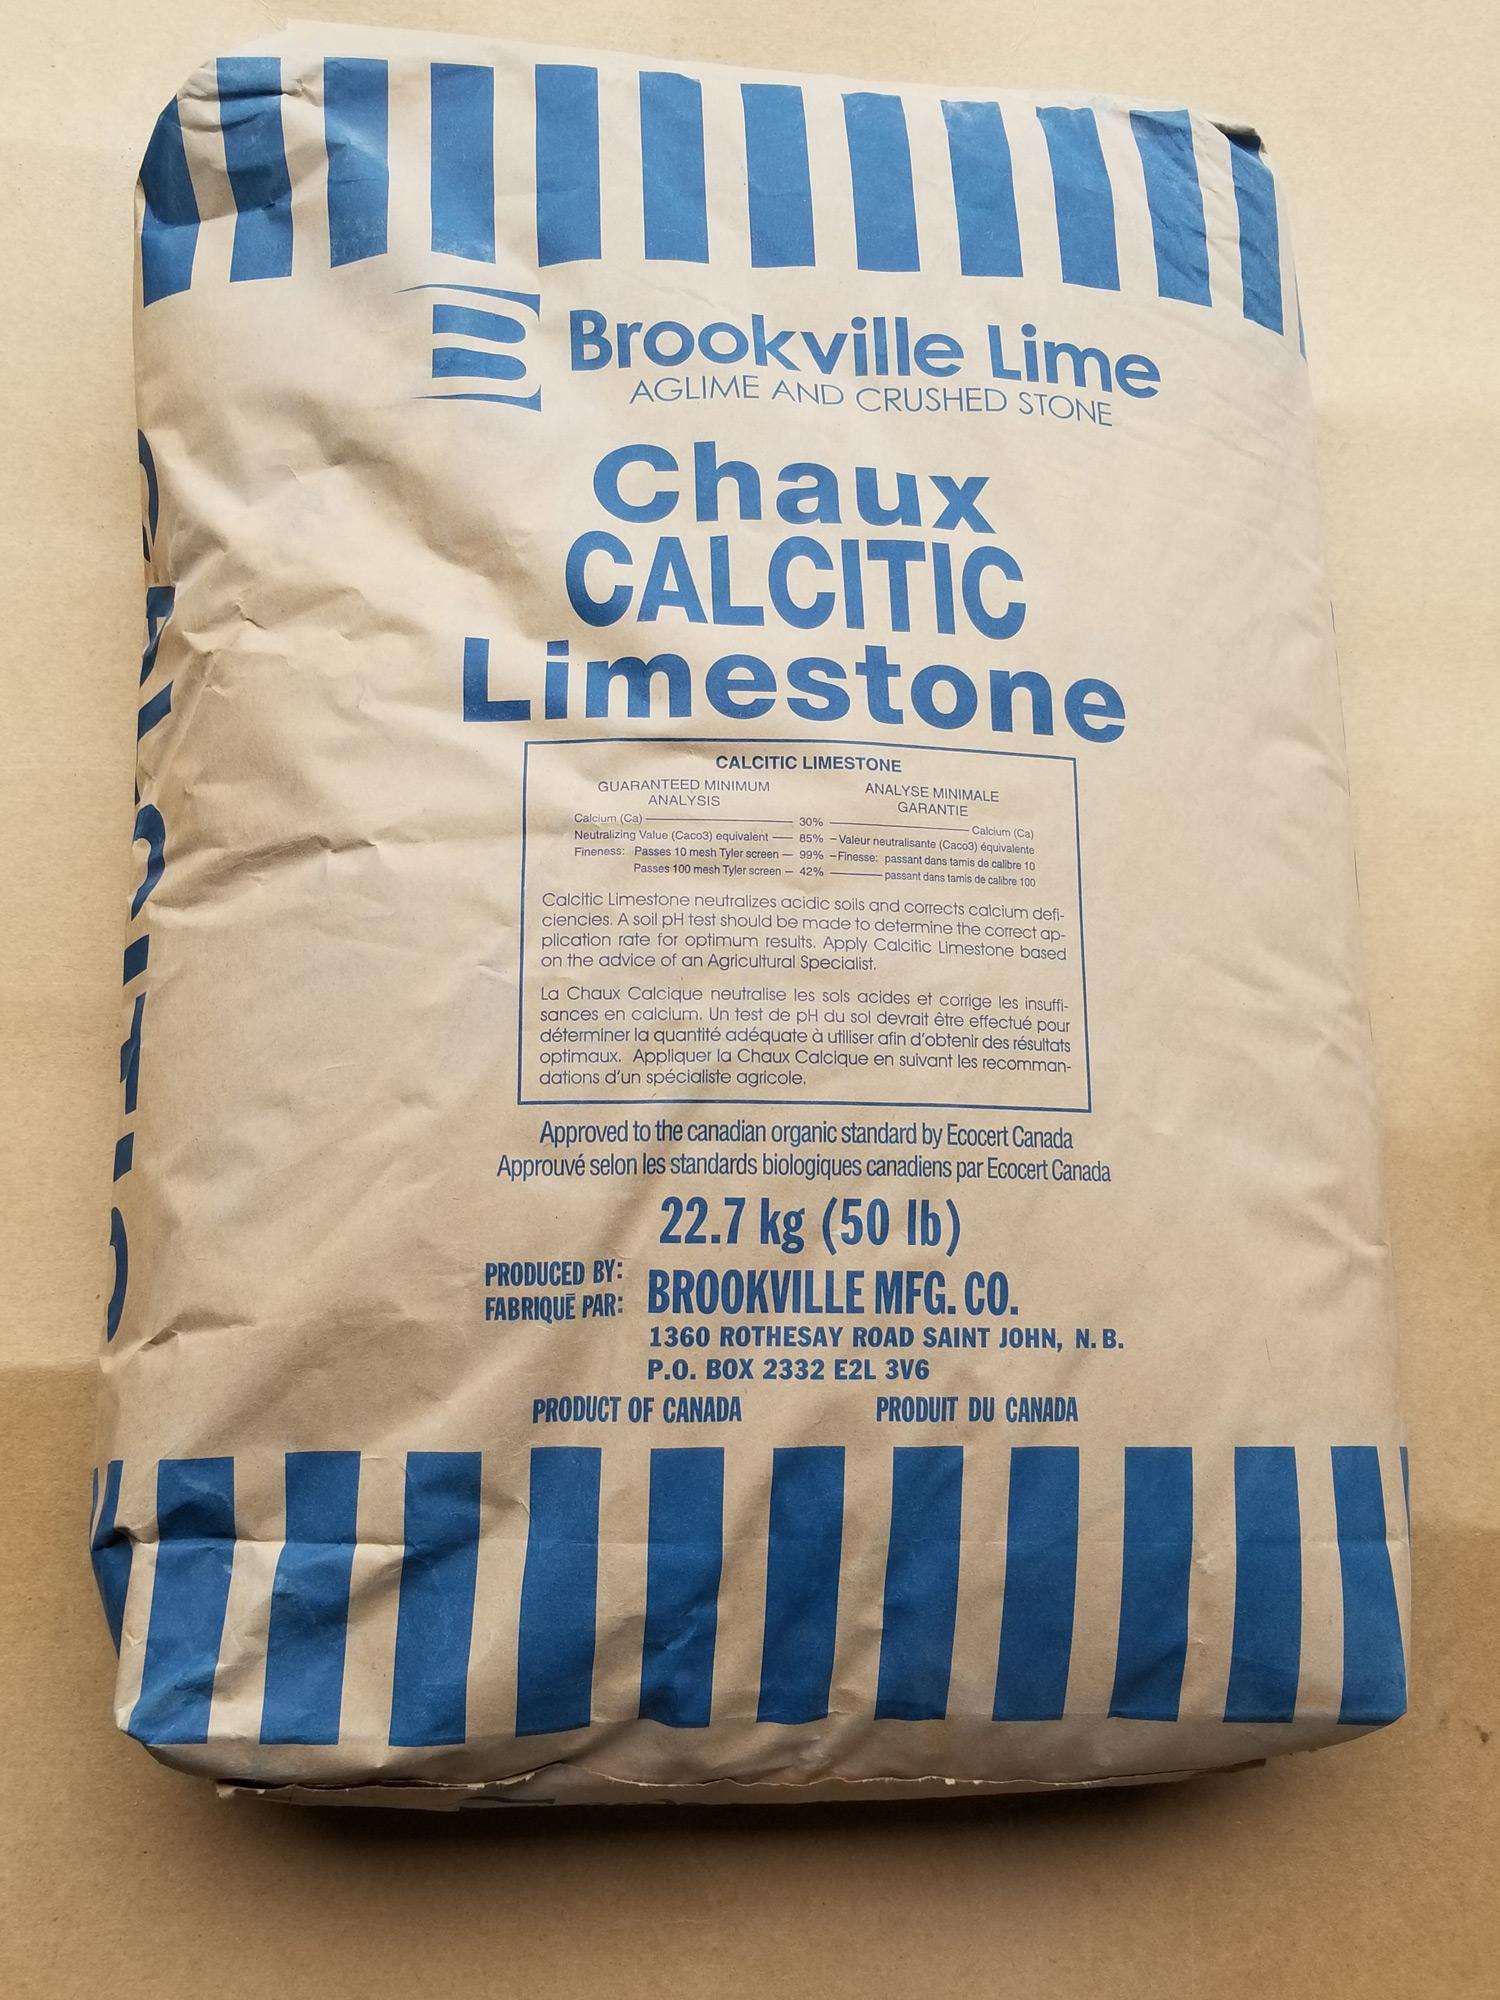 Calcitic Limestone